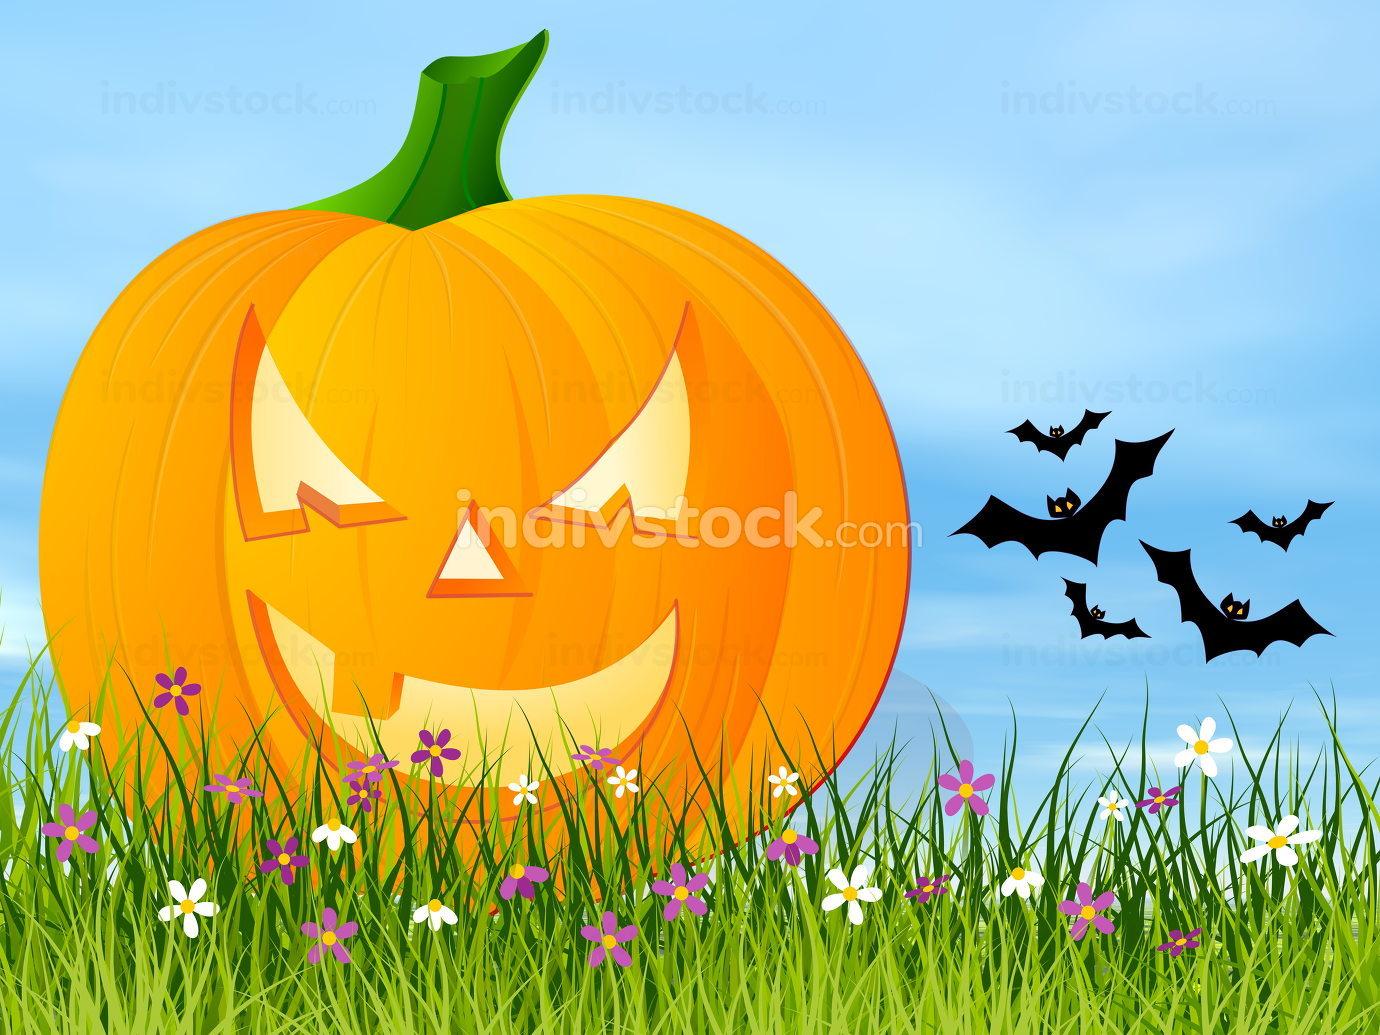 Halloween pumpkin face - 3D render